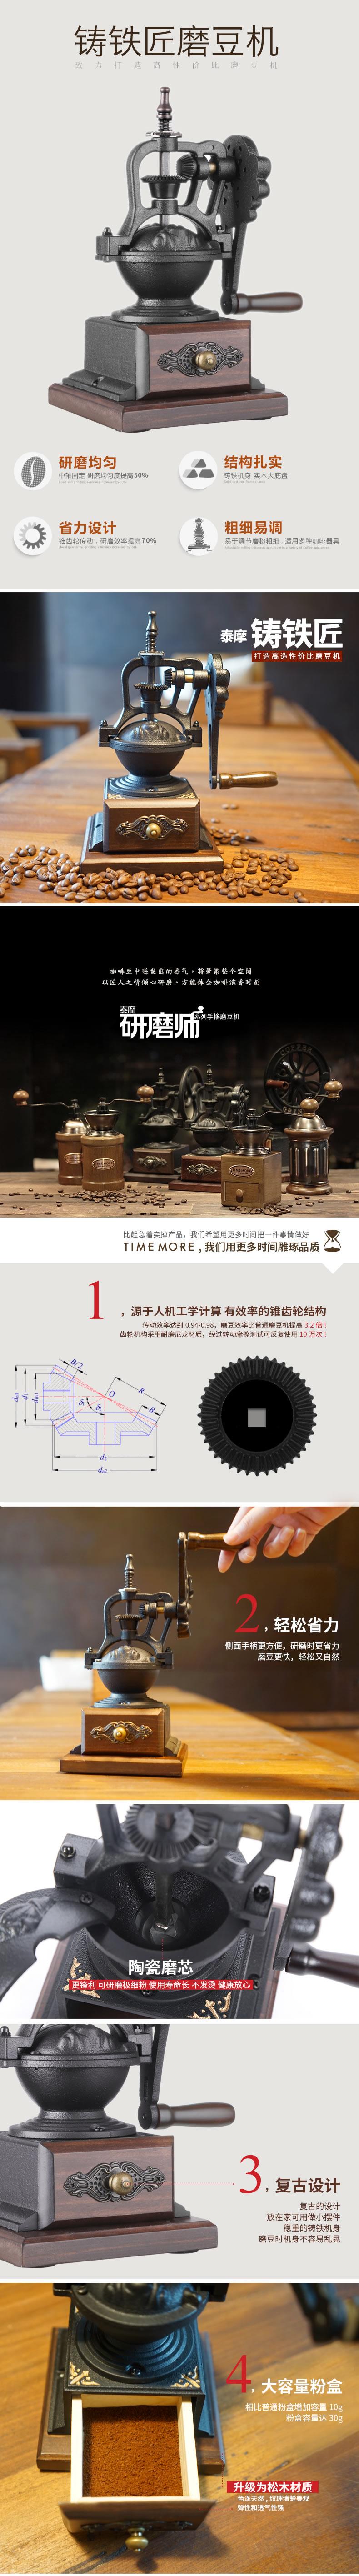 泰摩復古鑄鐵匠磨豆機TGD04WD詳情圖